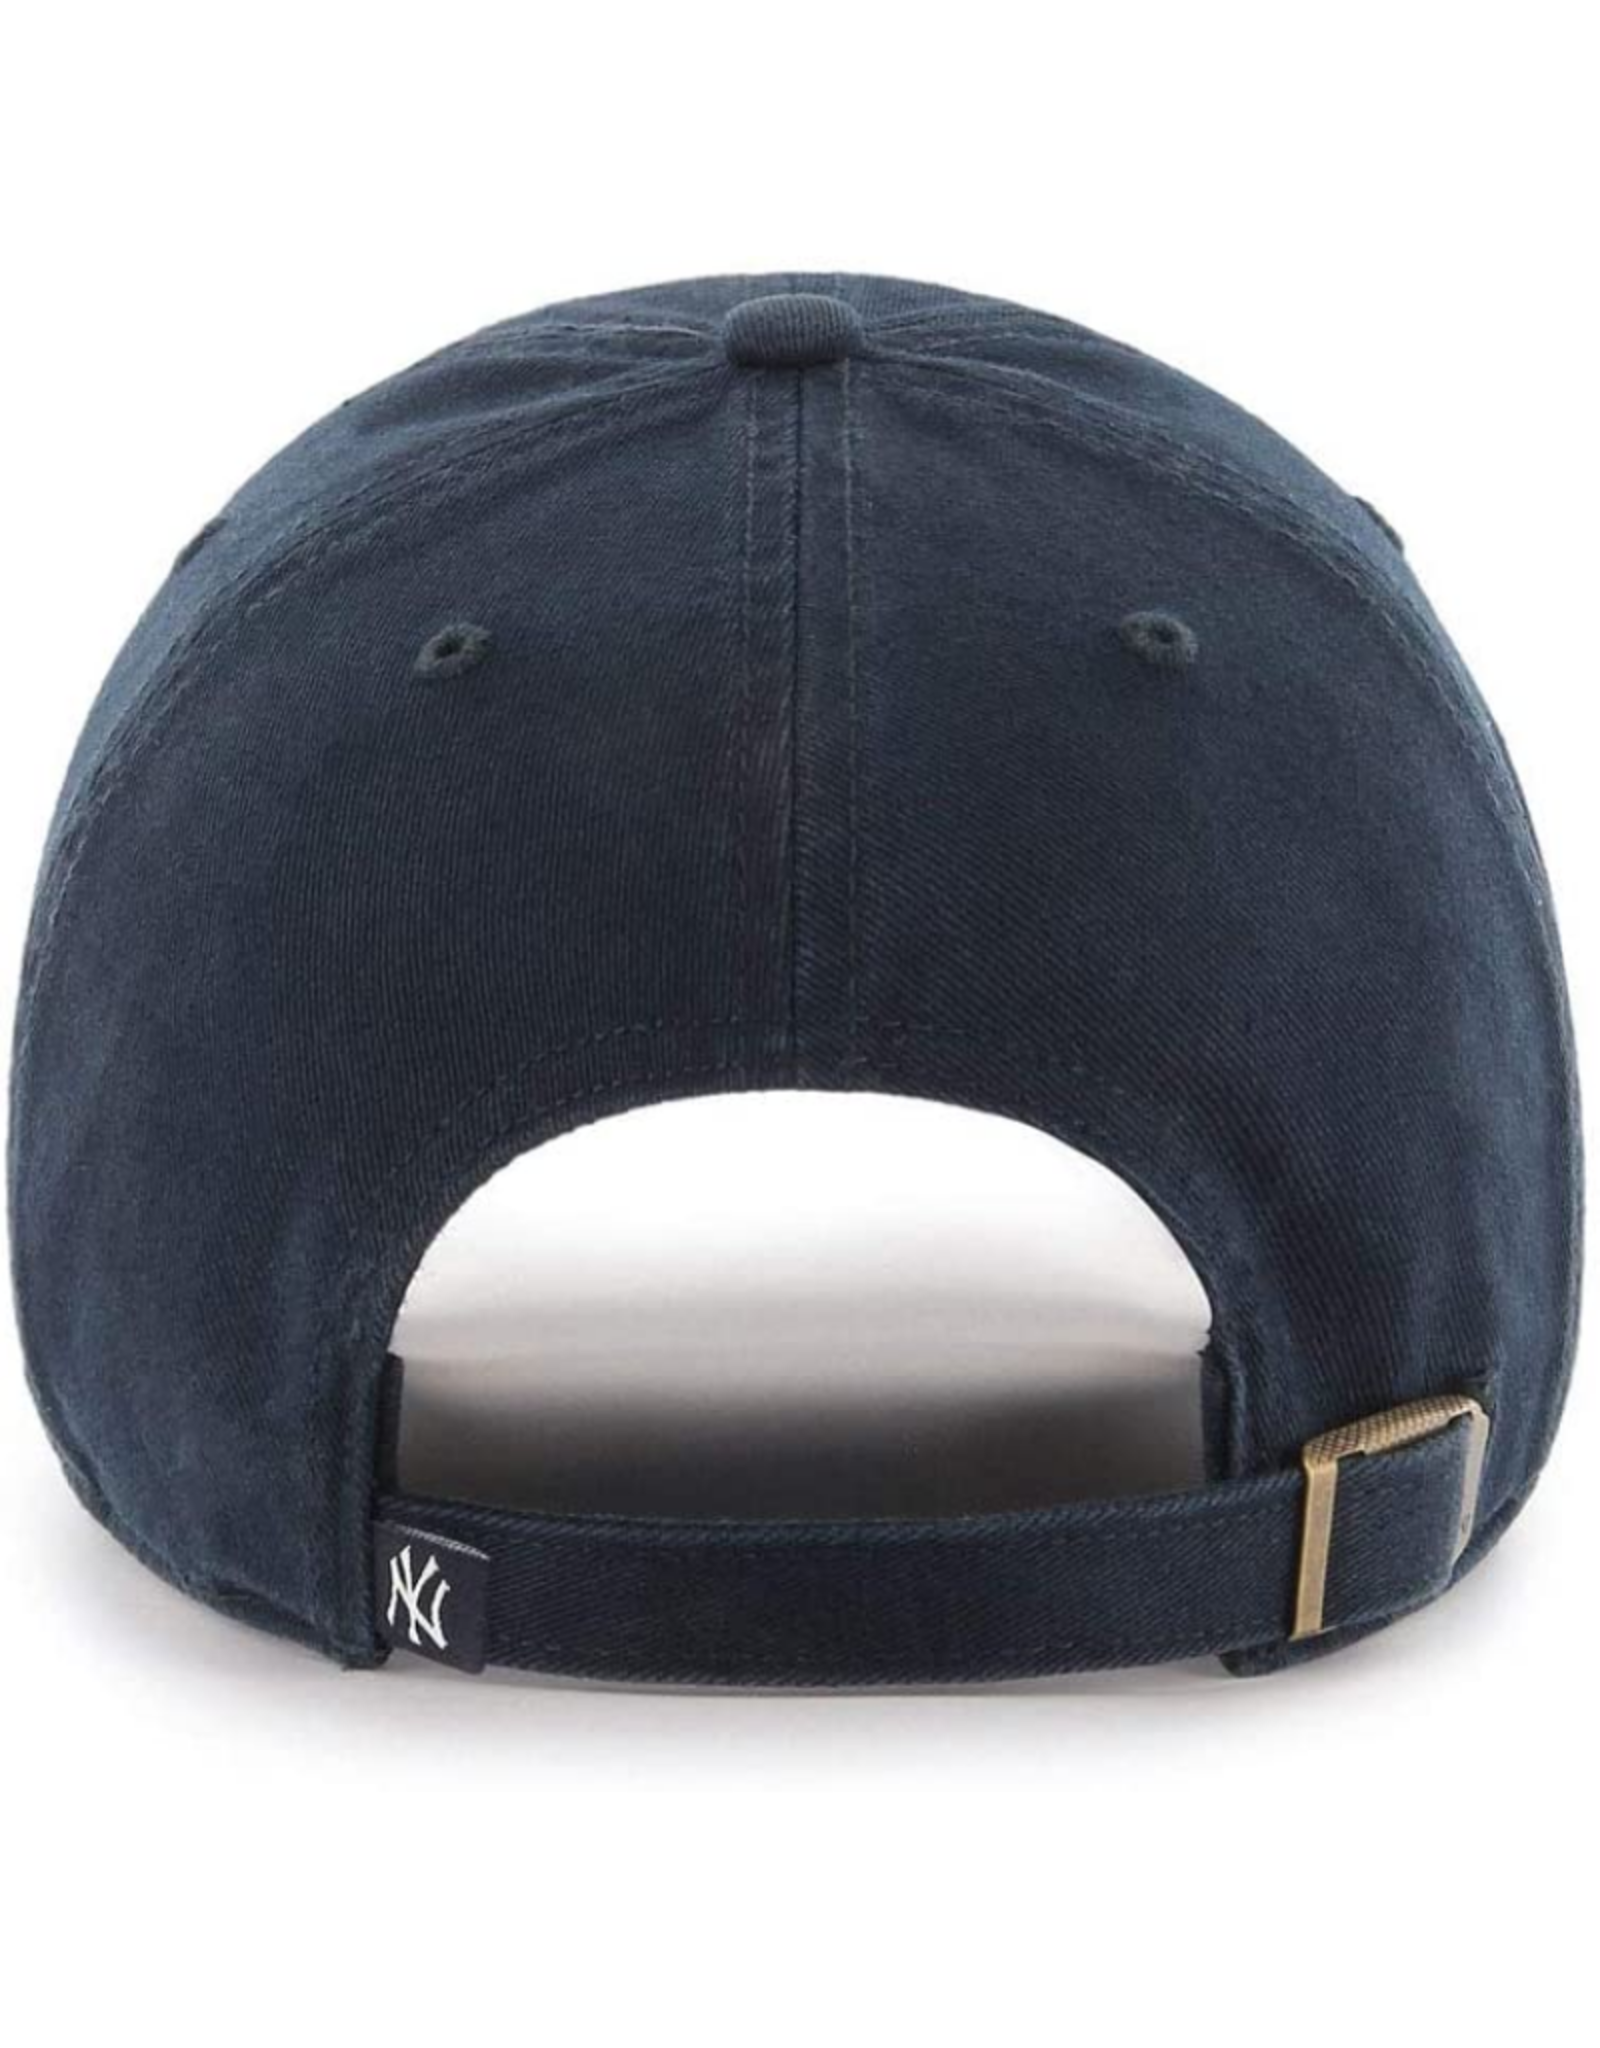 '47 Men's Clean Up Adjustable Hat New York Yankees Navy